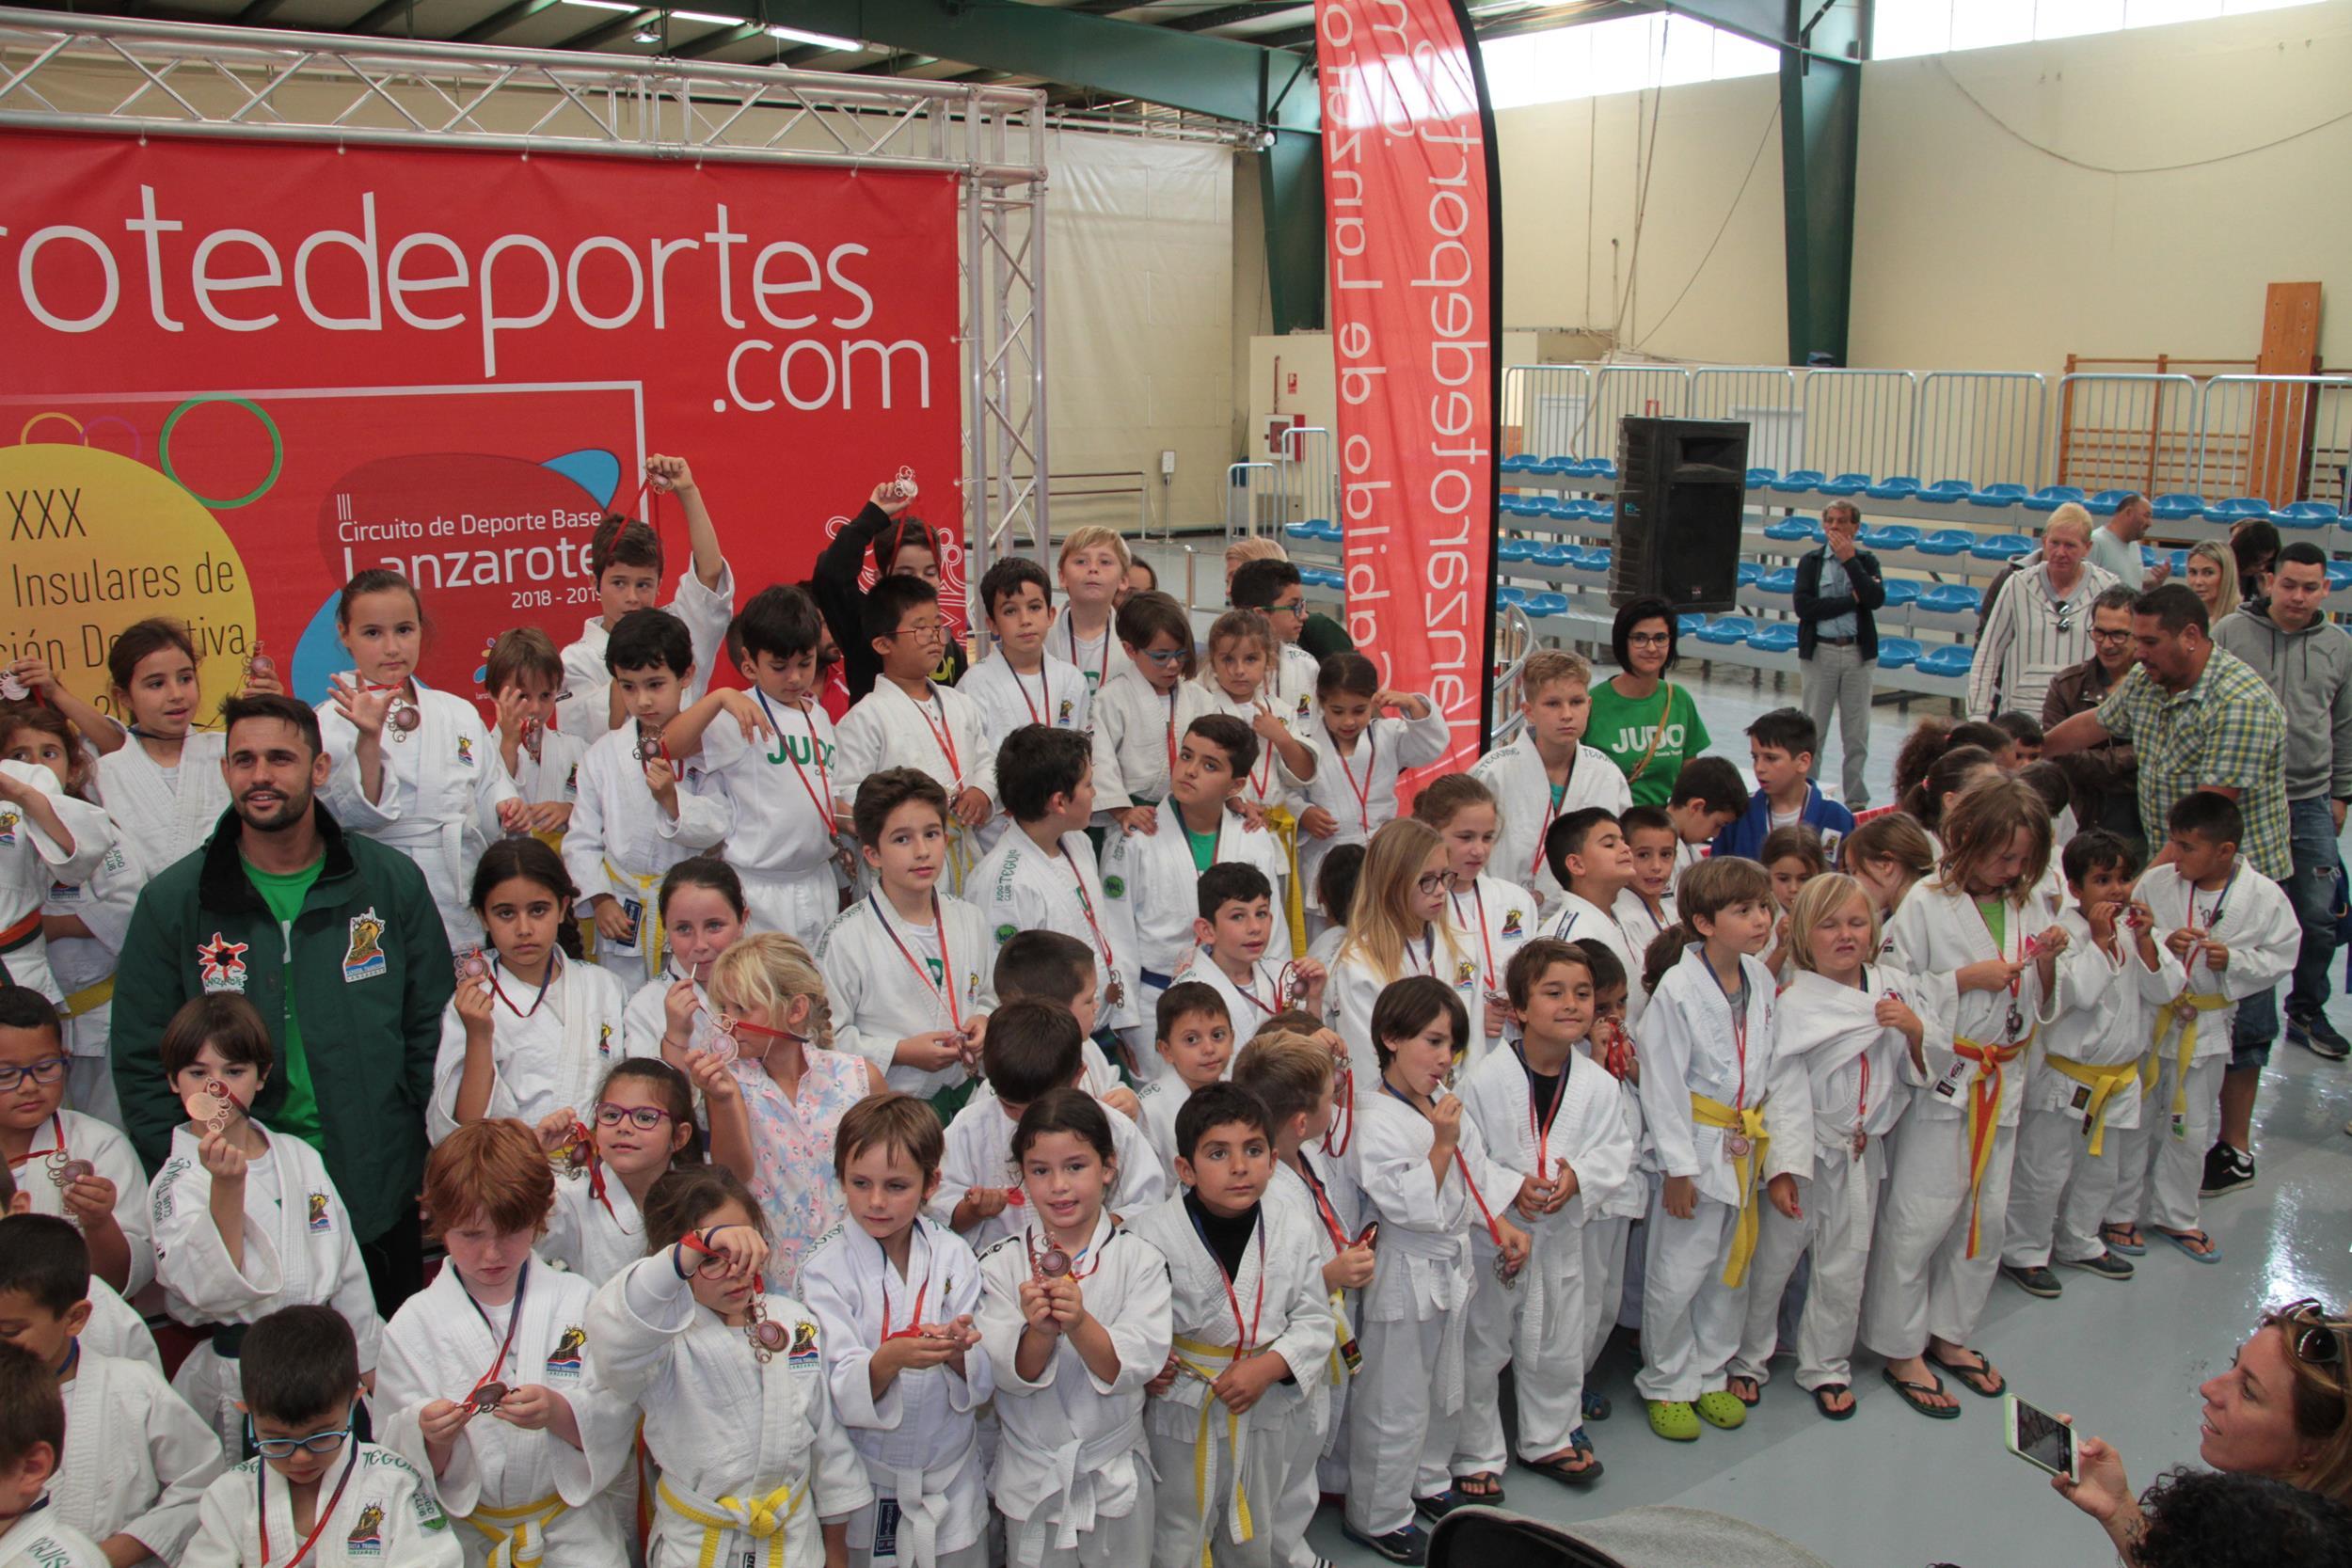 El terrero de la Ciudad Deportiva acoge esta tarde la clausura de Lucha Canaria de los XXX Juegos Insulares de Promoción Deportiva